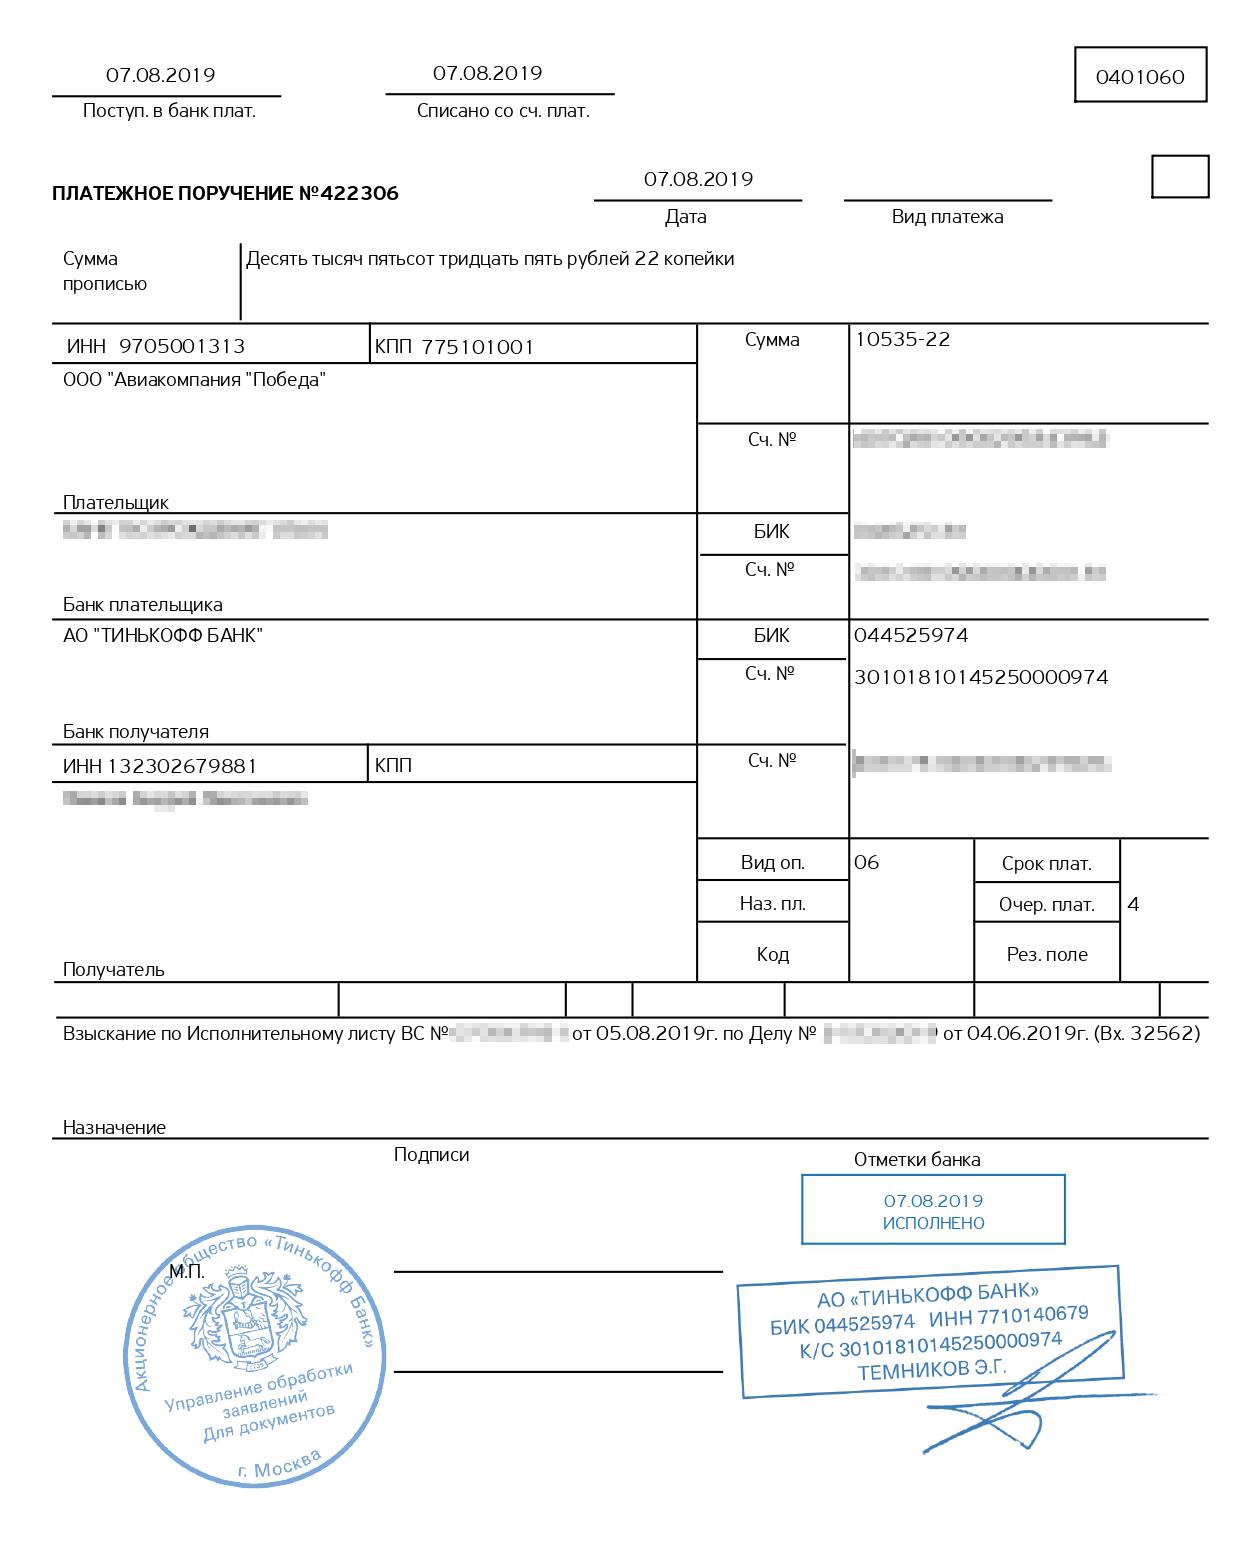 Платежное поручение из банка авиакомпании. В назначении платежа указывается номер исполнительного листа, по которому было выполнено взыскание